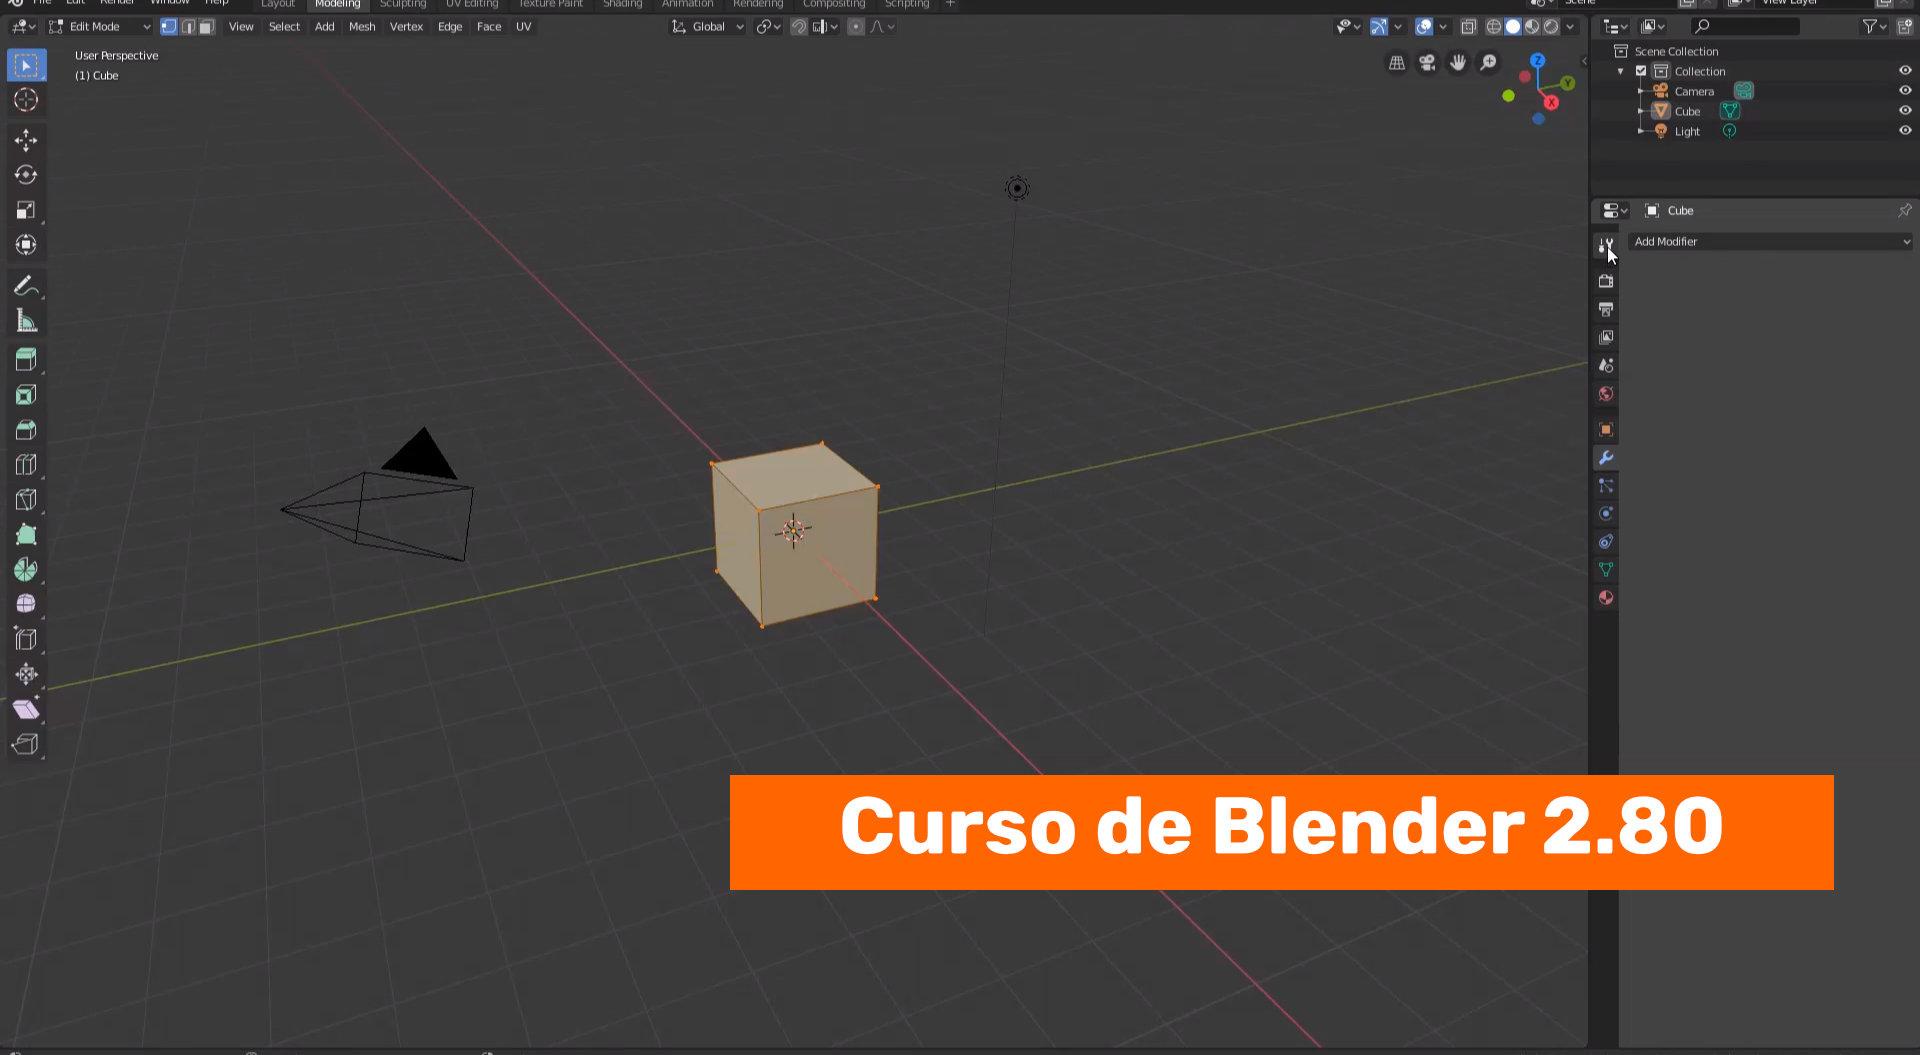 Repaso rápido al interface de Blender 2.80